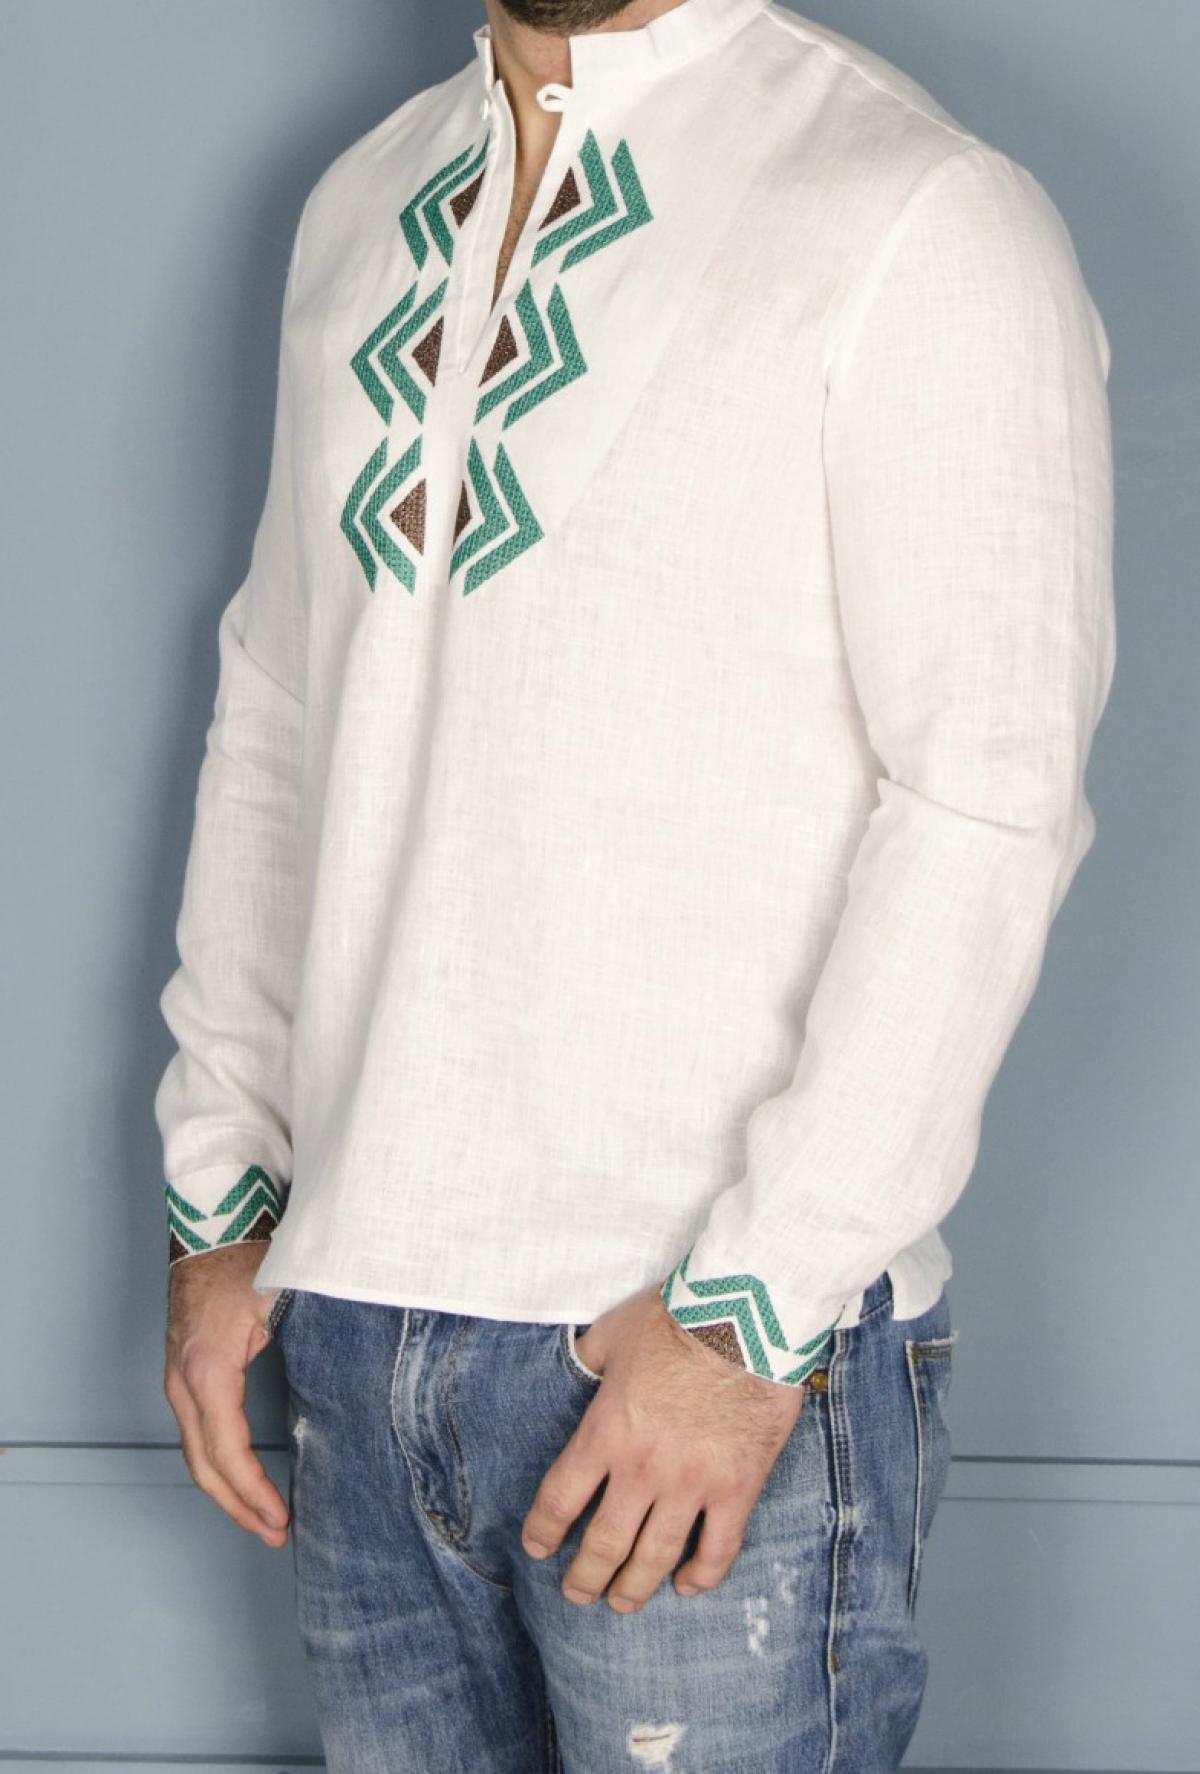 Біла чоловіча дизайнерська вишиванка з зеленим візерунком. Фото №2. | Народний дім Україна